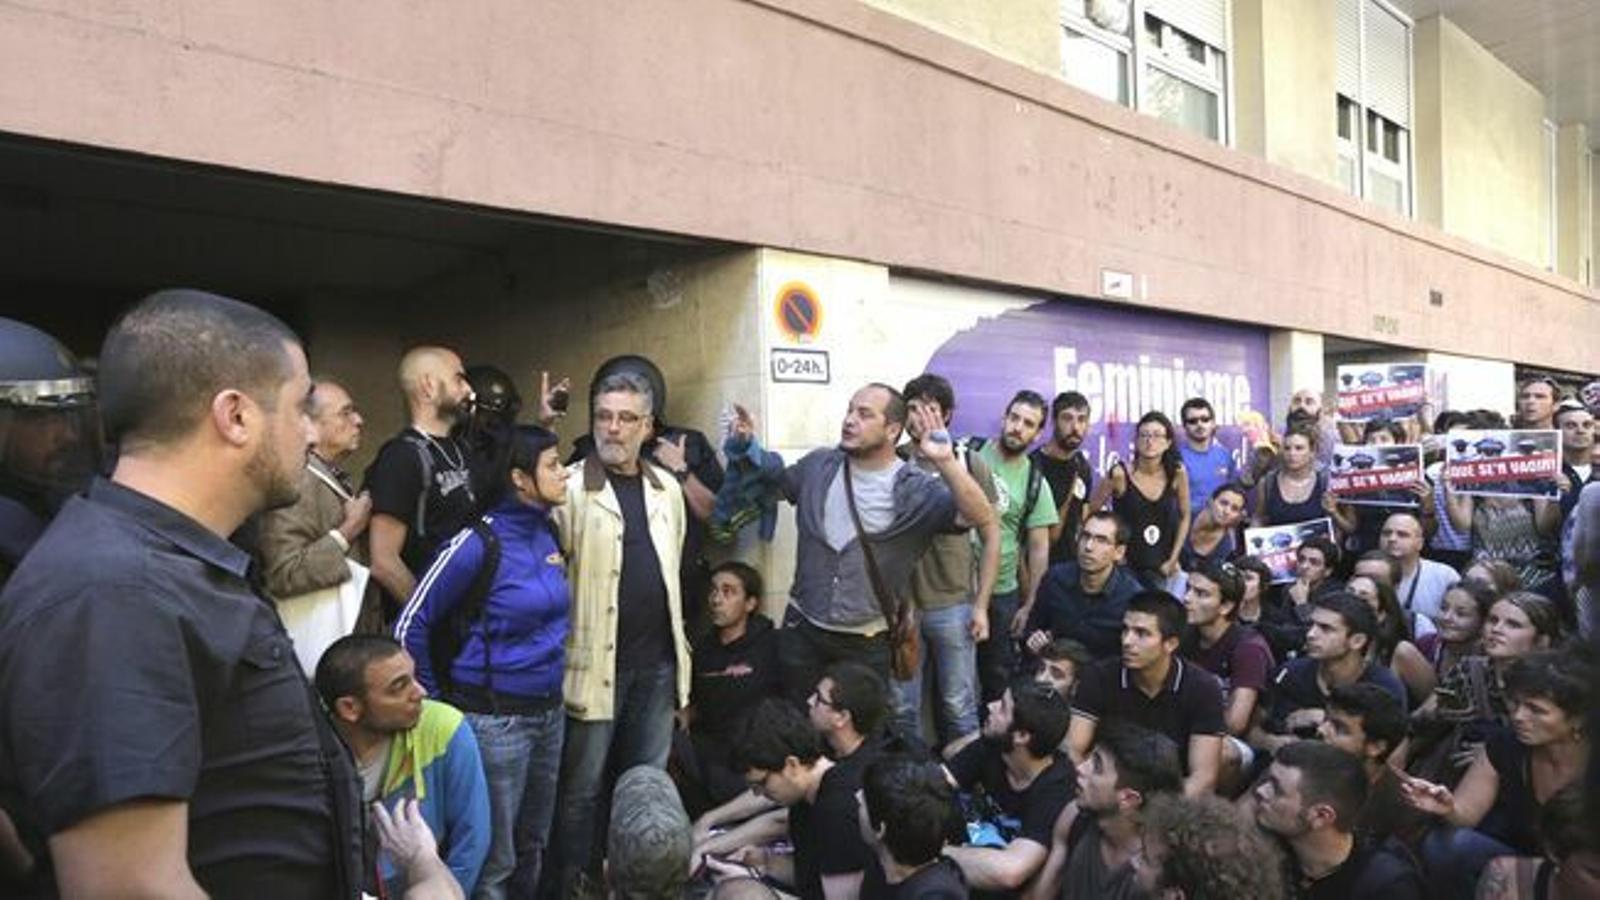 """La justícia veu """"legítim"""" el desplegament sense ordre judicial de la policia a la seu de la CUP el 20-S"""